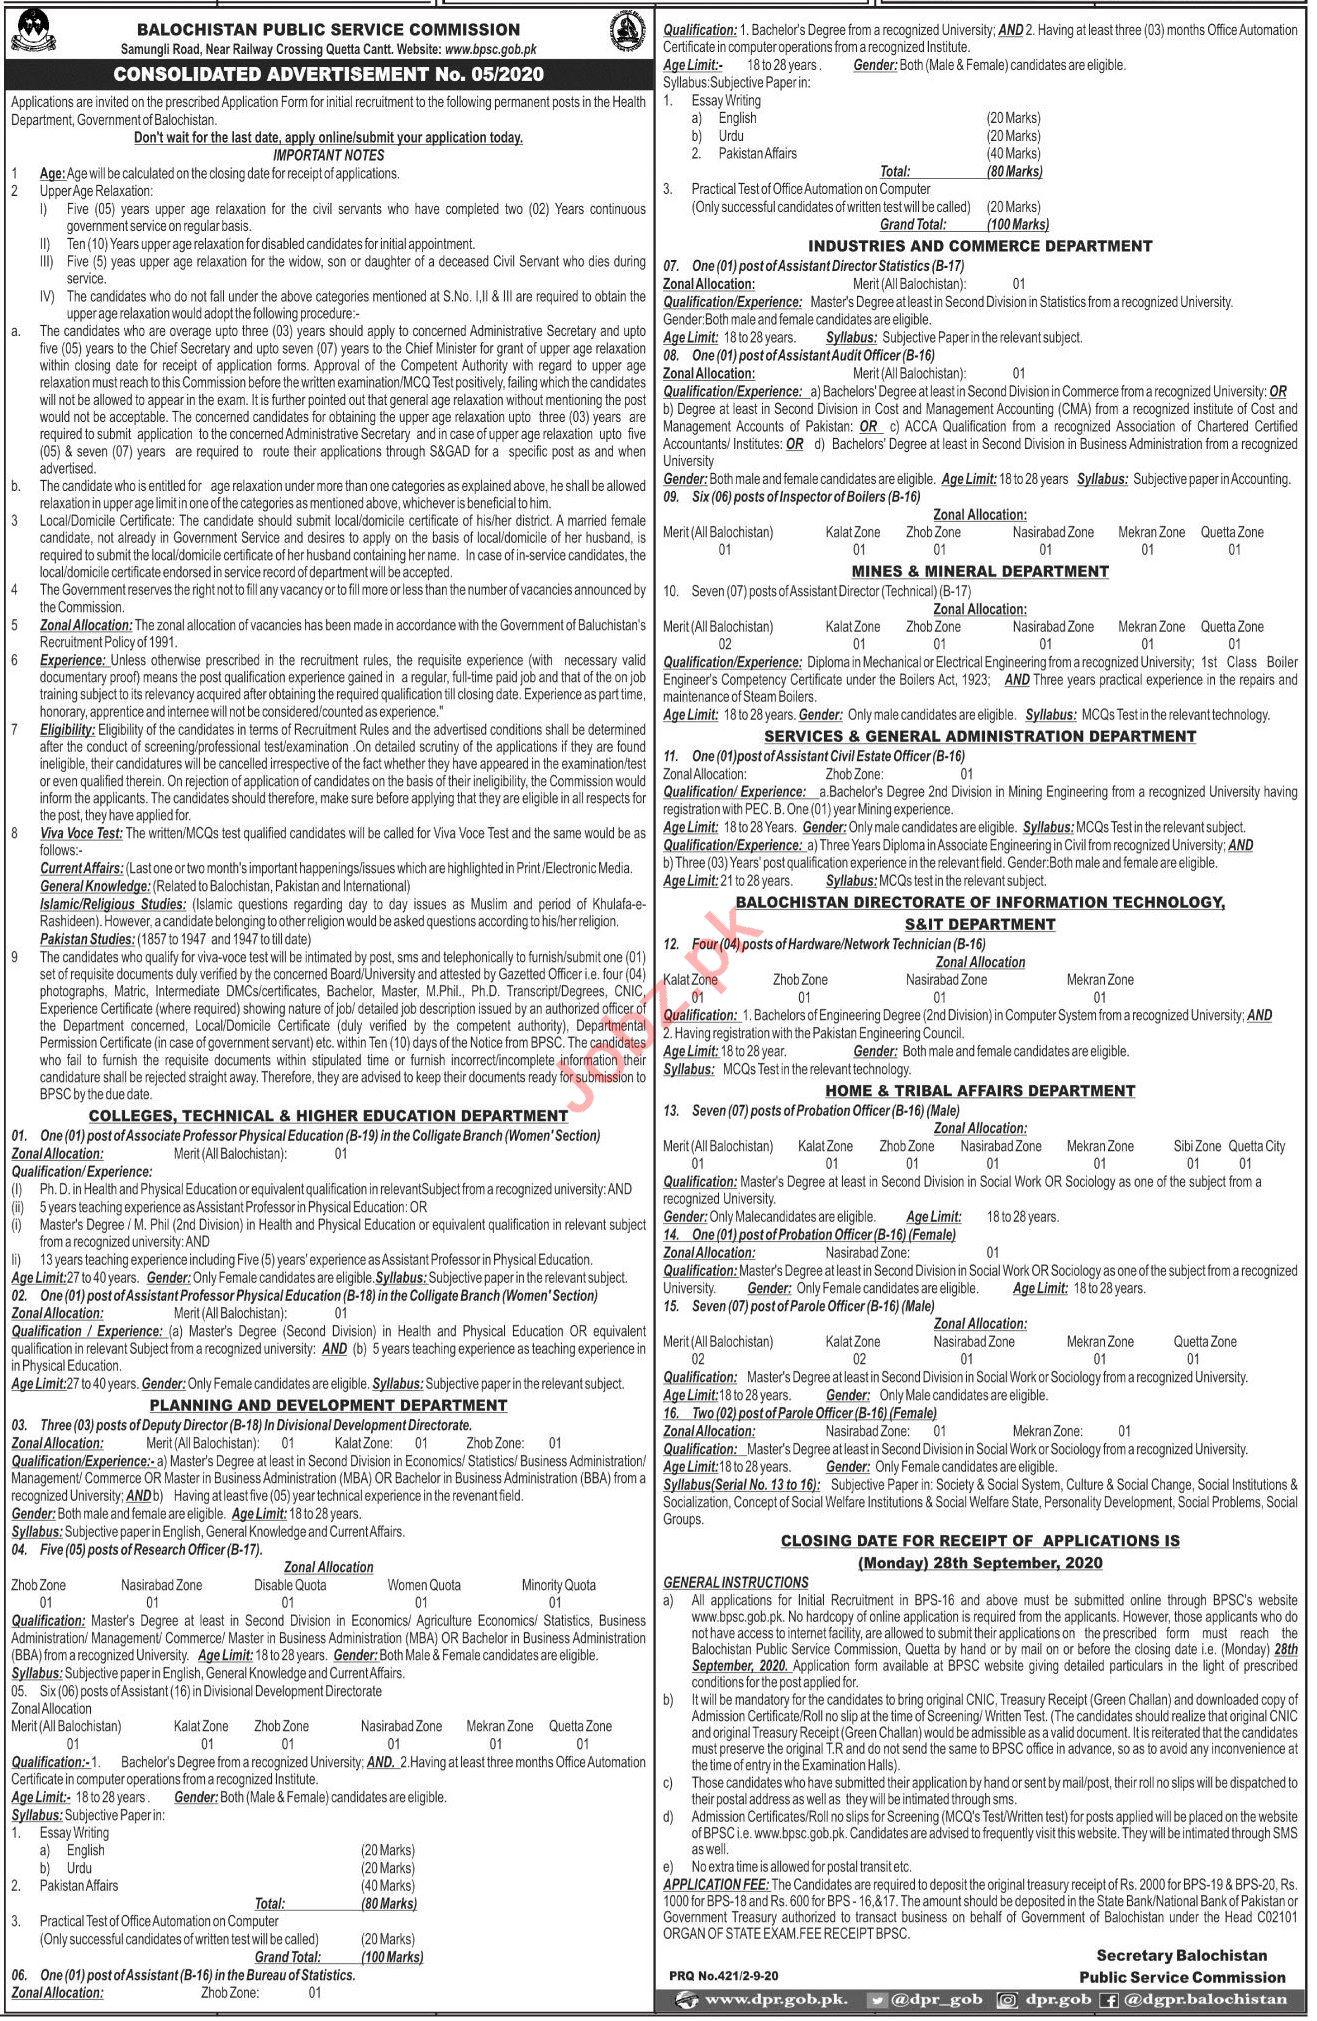 BPSC Balochistan Public Service Commission Jobs 2020